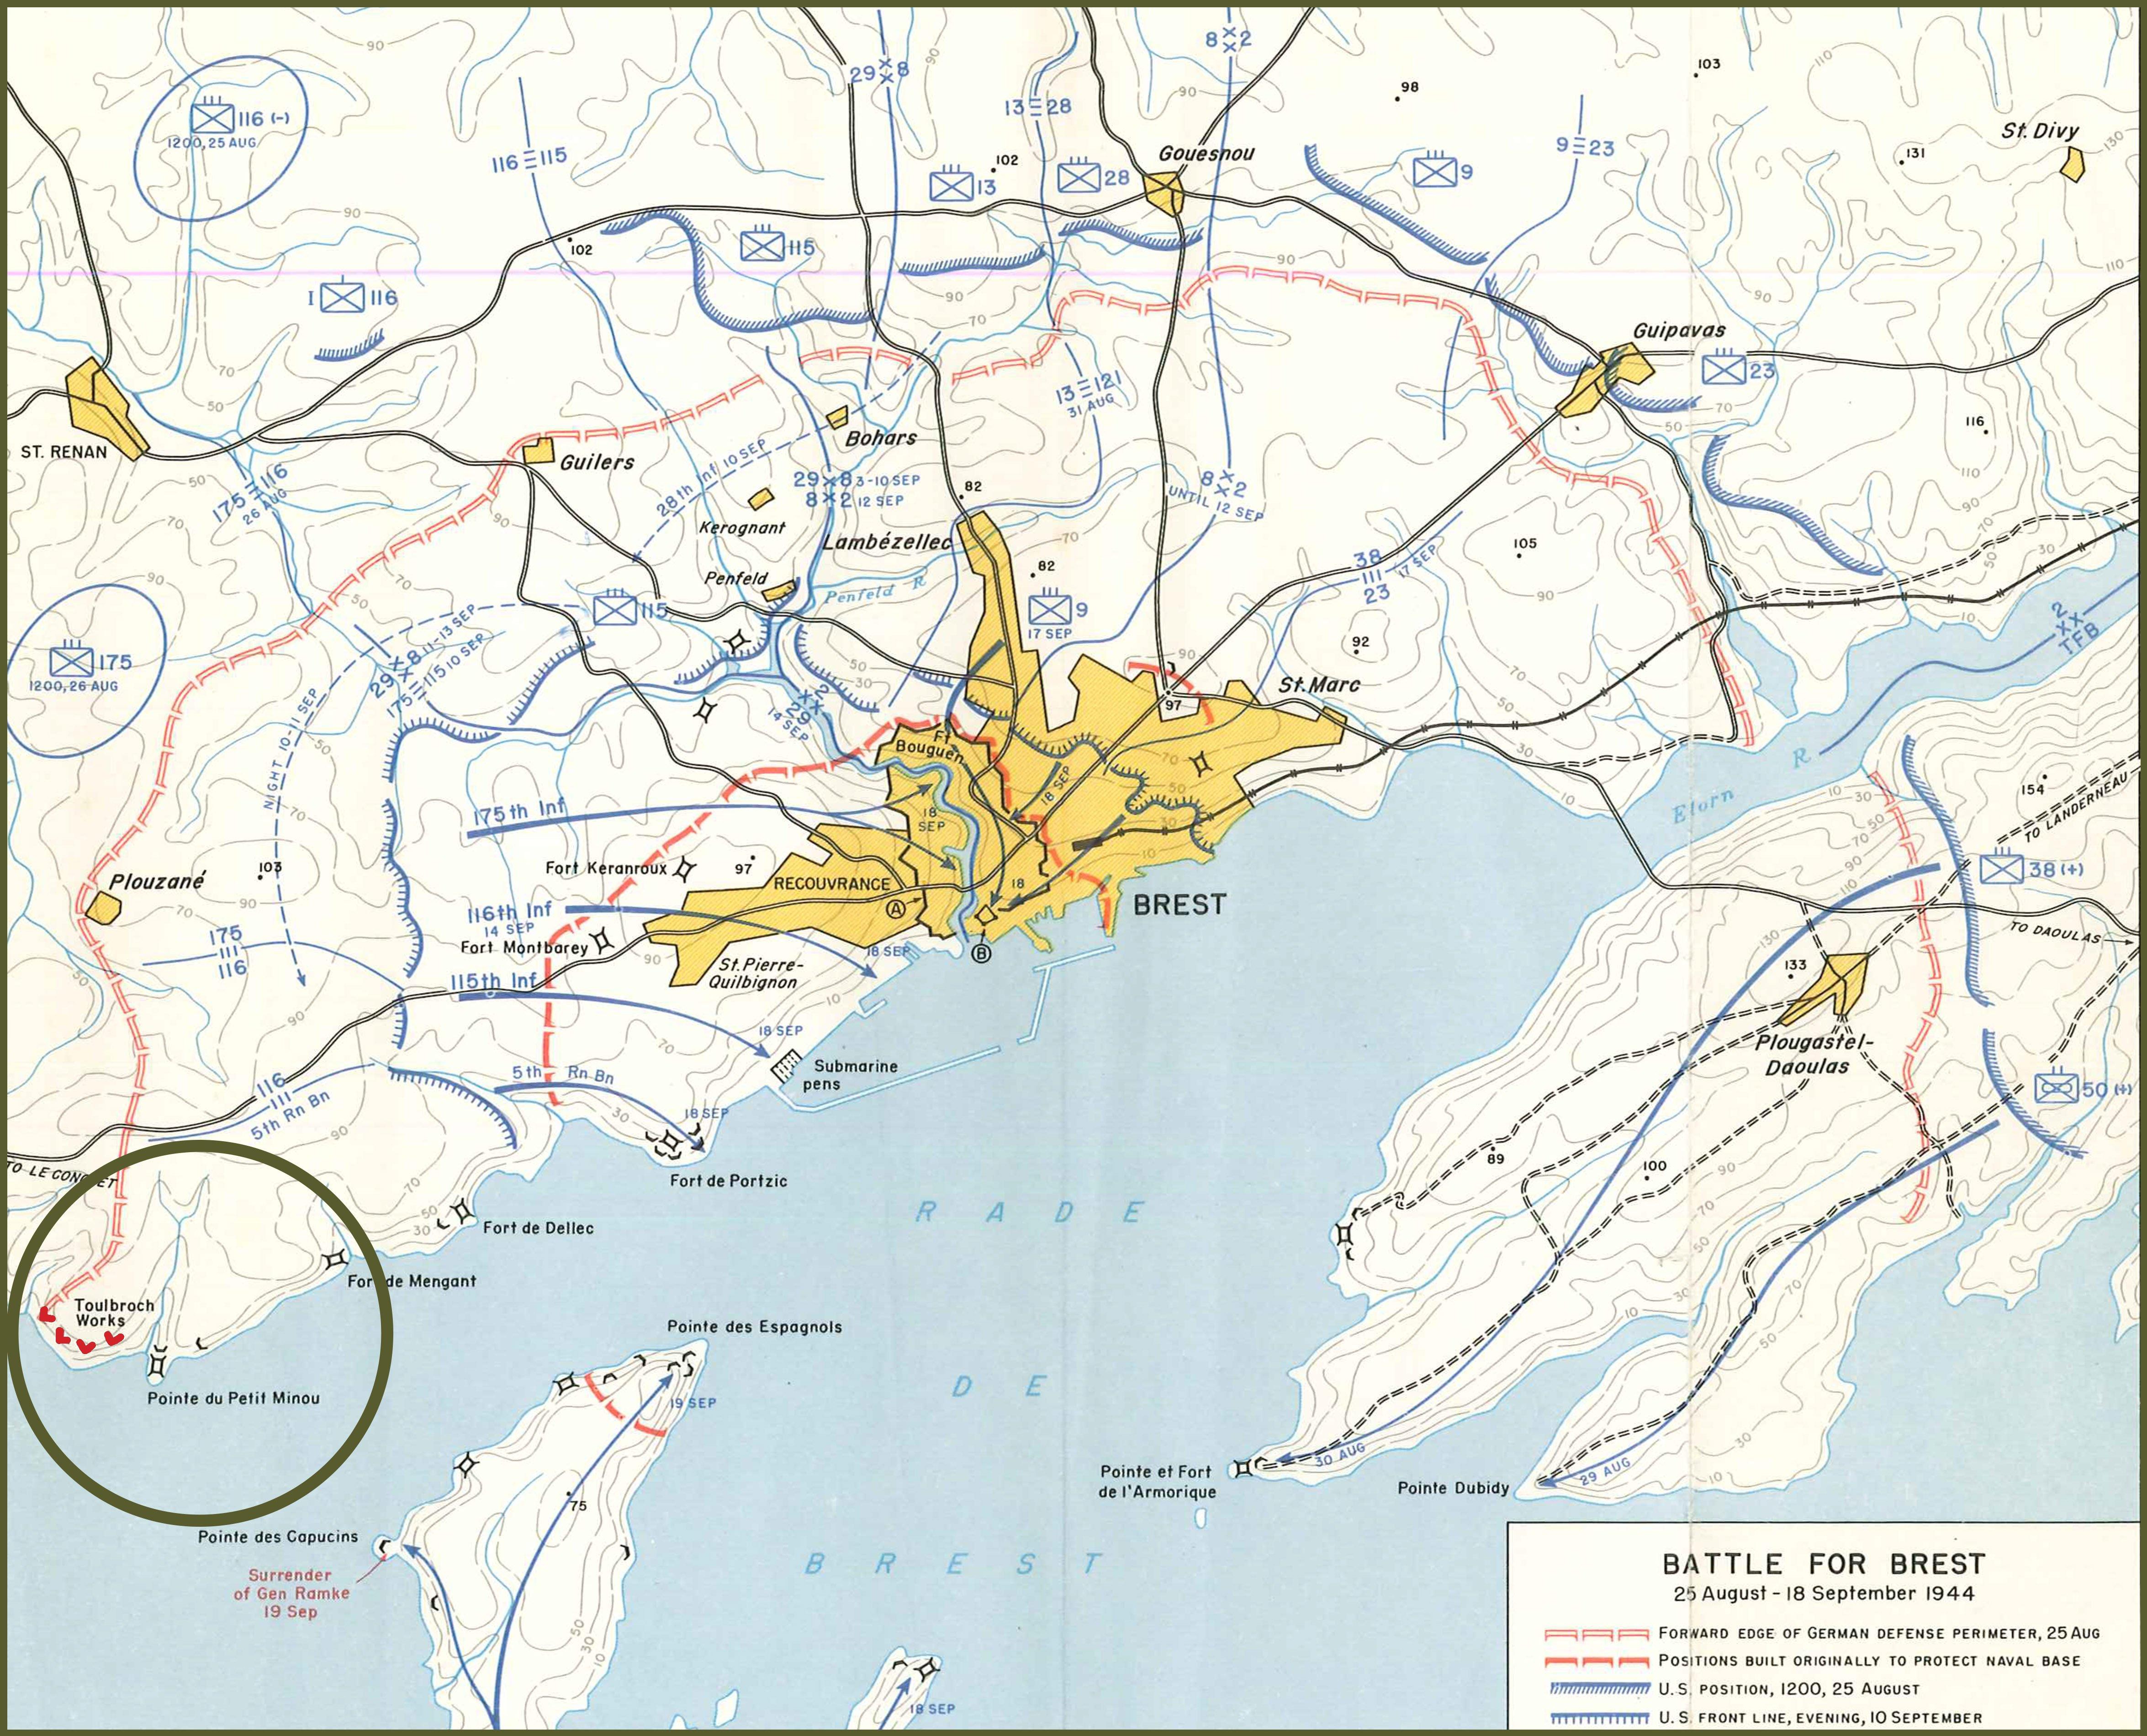 Battle for Brest 25 august to 18 september 1944